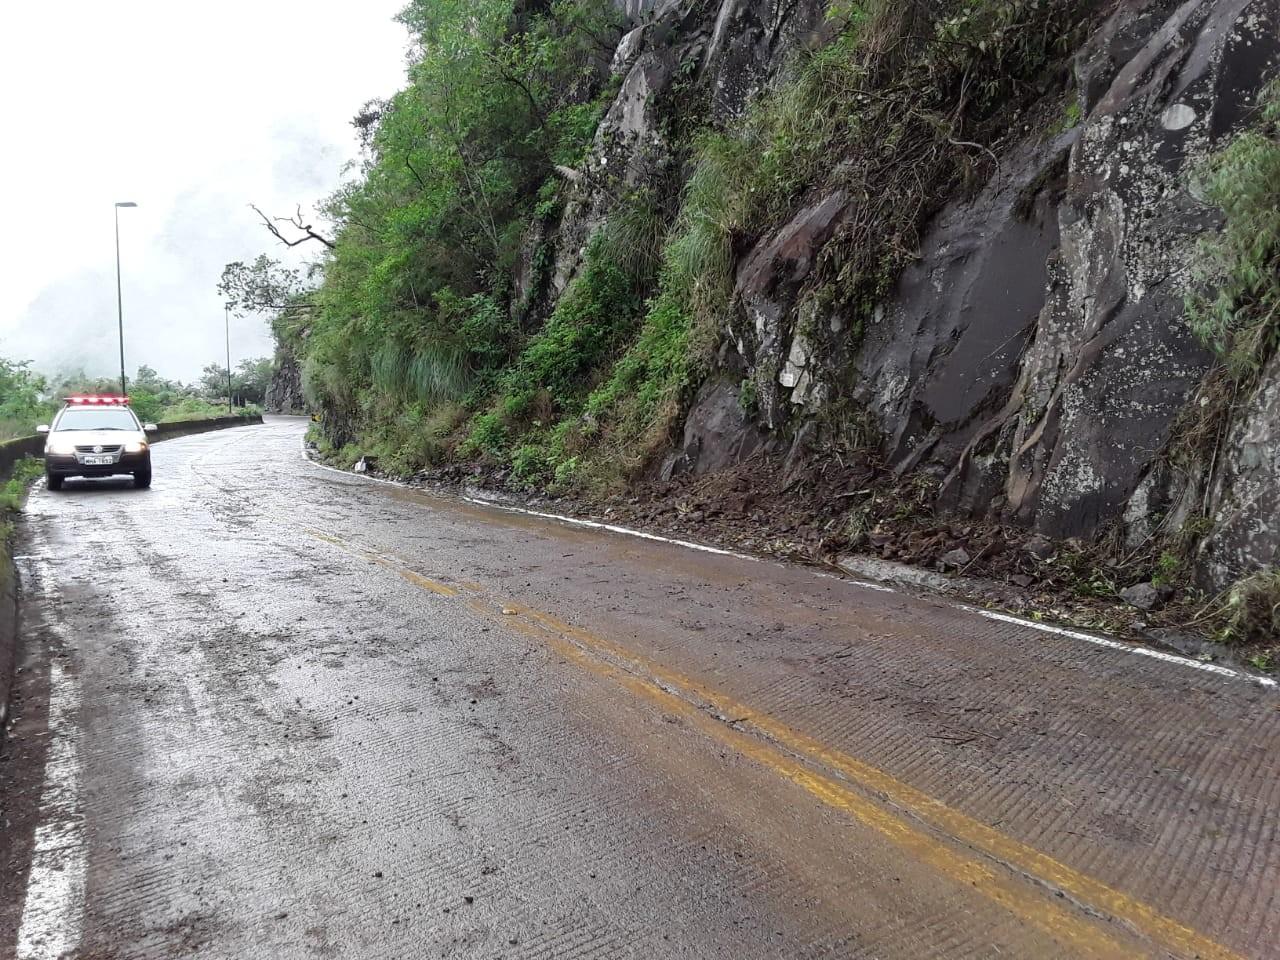 Trânsito na Serra do Rio do Rastro é liberado após deslizamento - Notícias - Plantão Diário